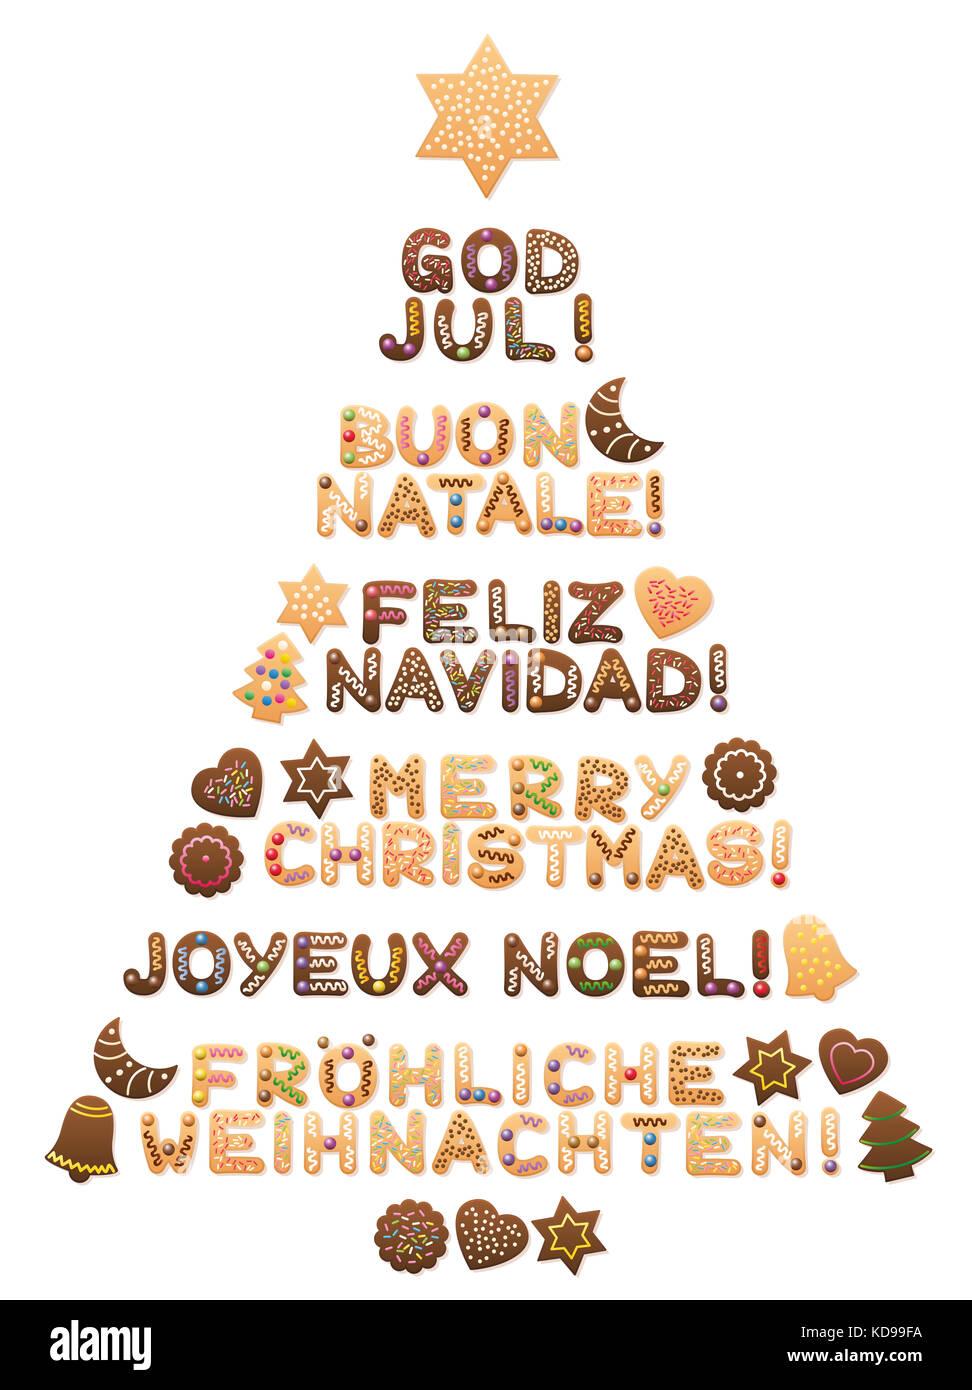 Buon Natale In Inglese.Buon Natale Scritto In Lingua Svedese Italiano Spagnolo Inglese